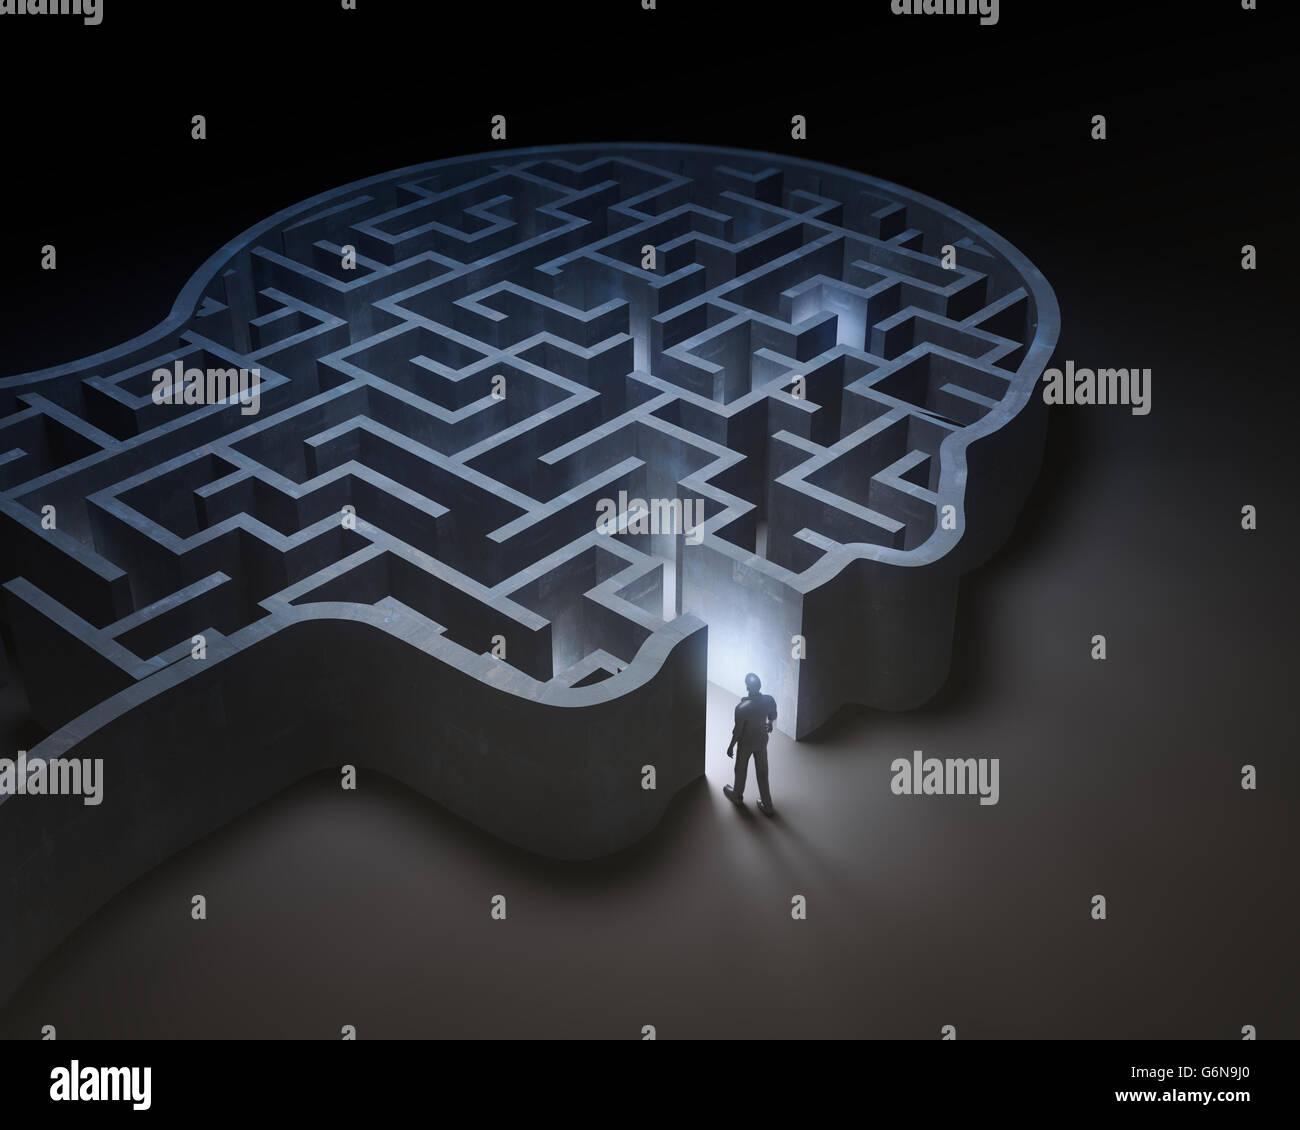 Hombre, entrando en un laberinto dentro de una cabeza - Ilustración 3D Imagen De Stock